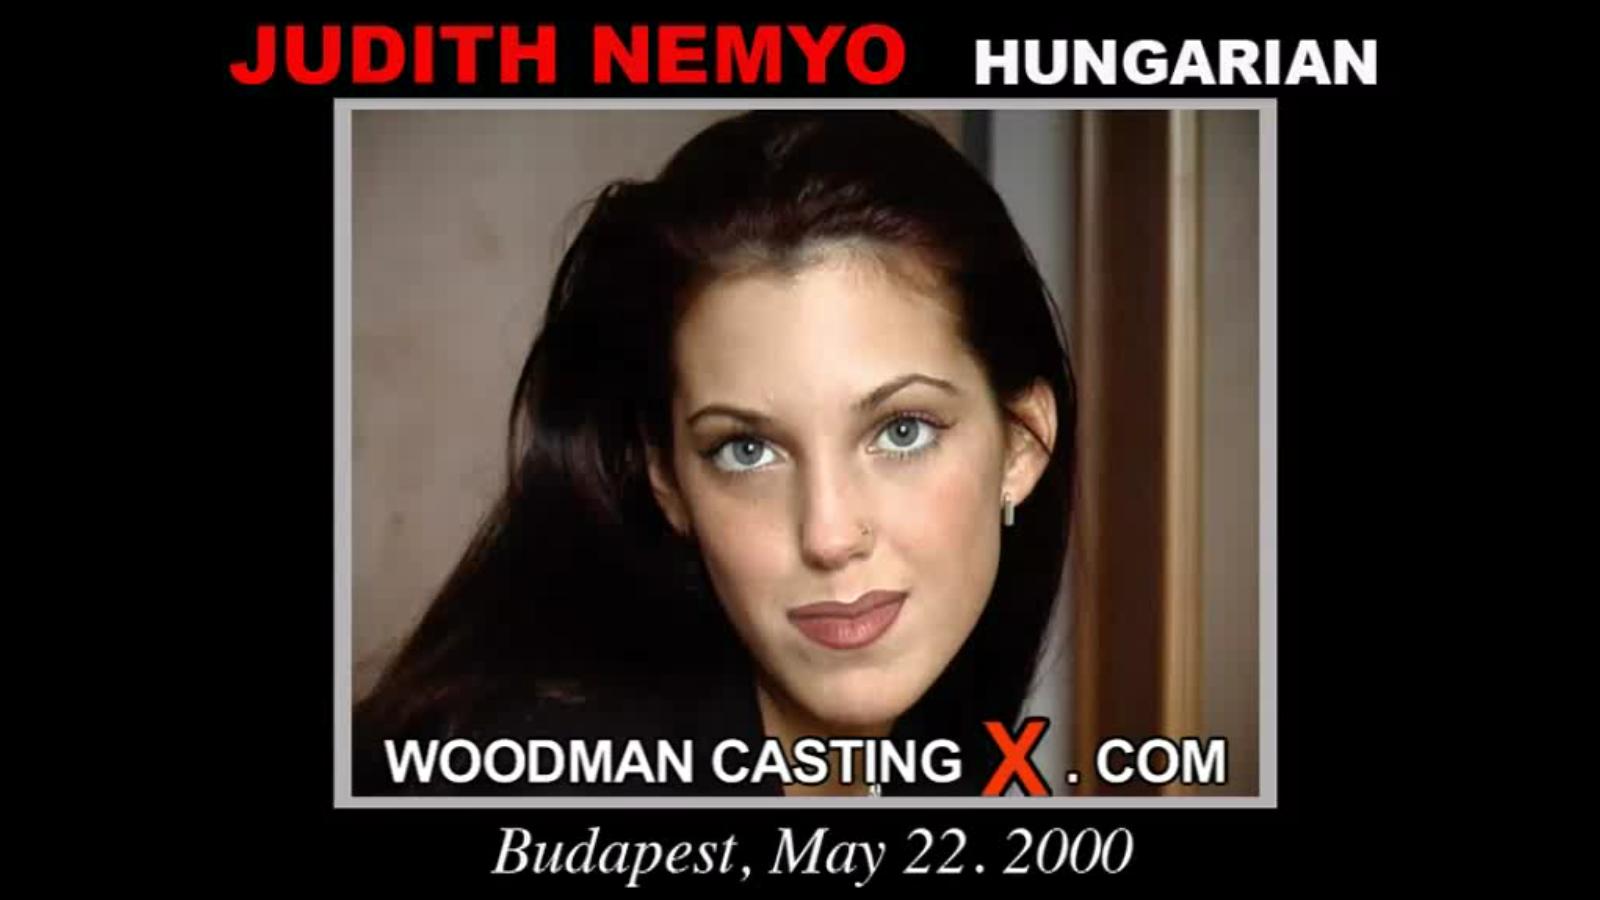 Woodma n casting 15 фотография